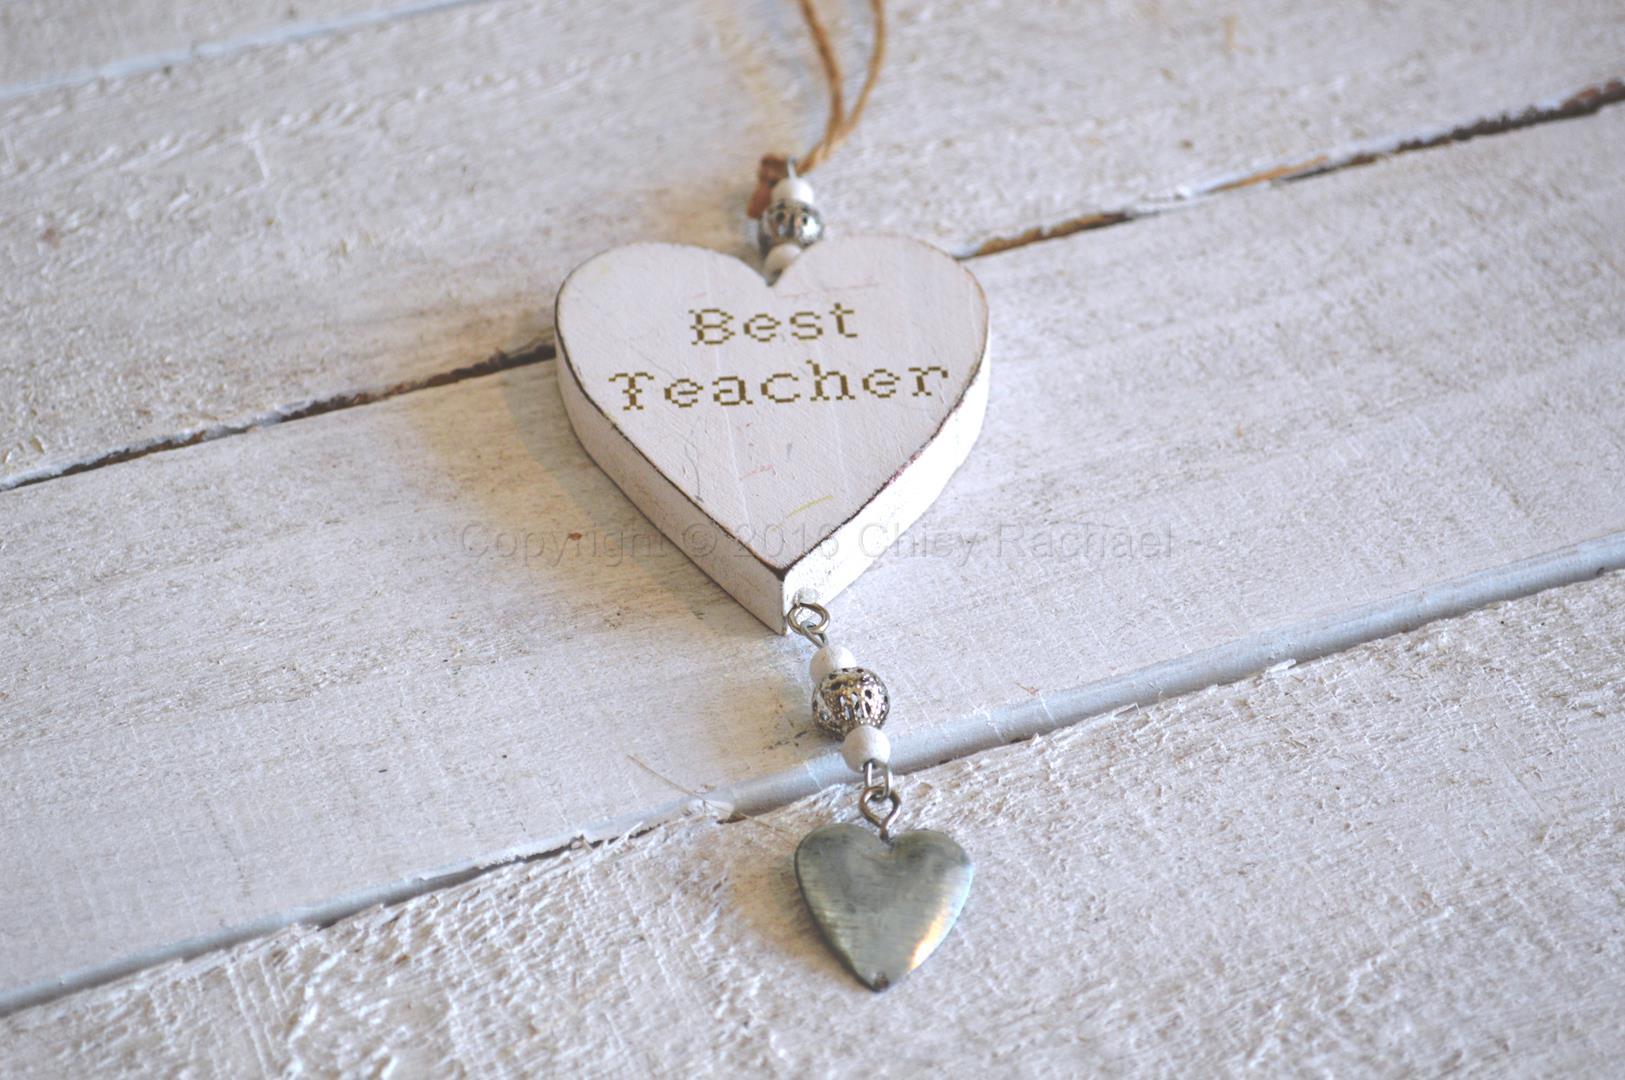 Wooden Best Teacher Hanging Heart 1